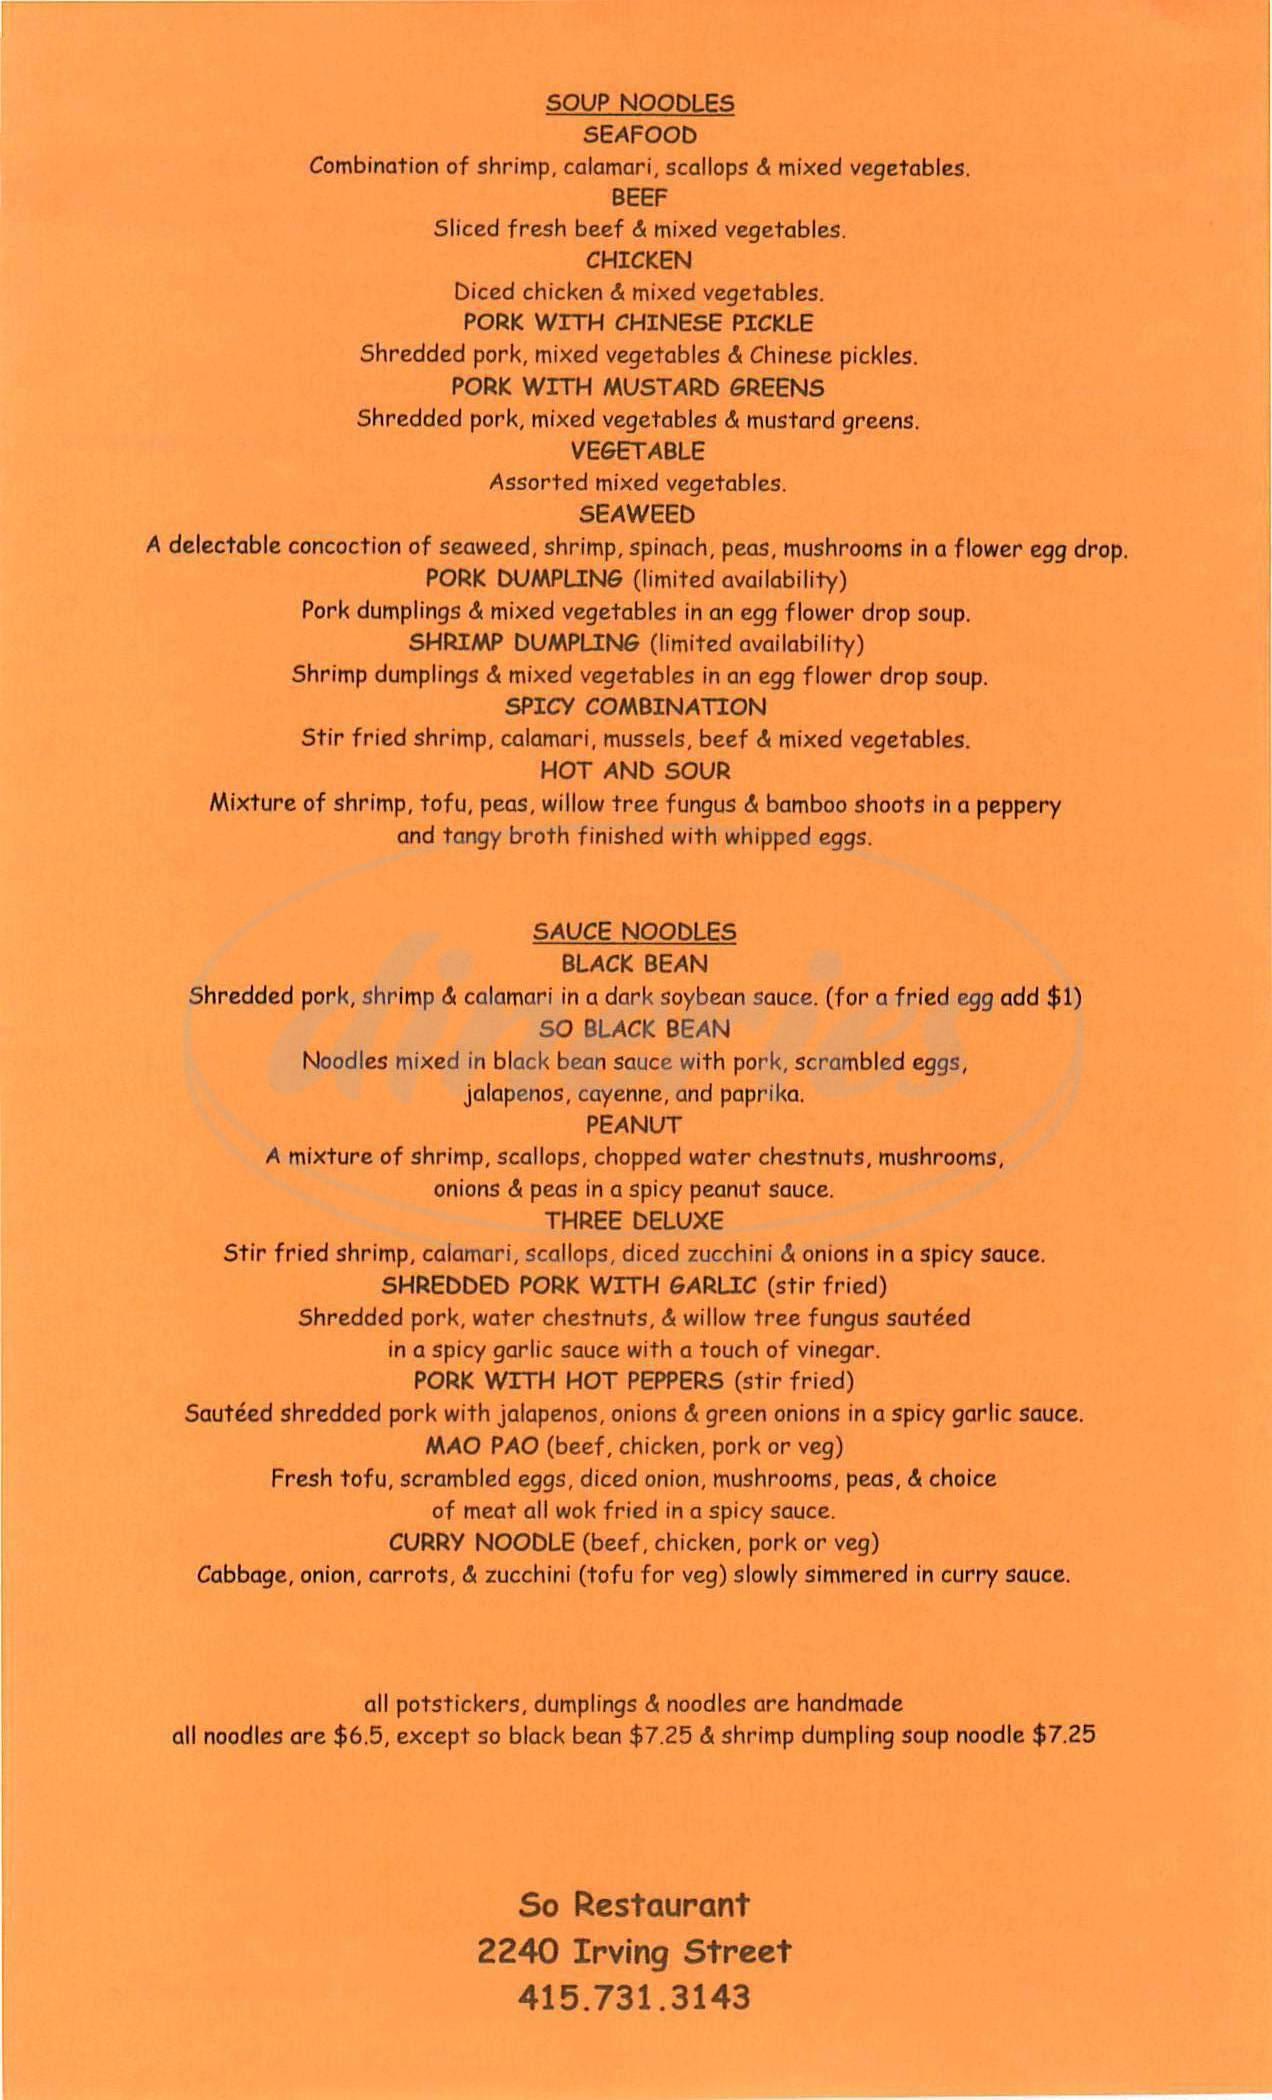 menu for So Restaurant